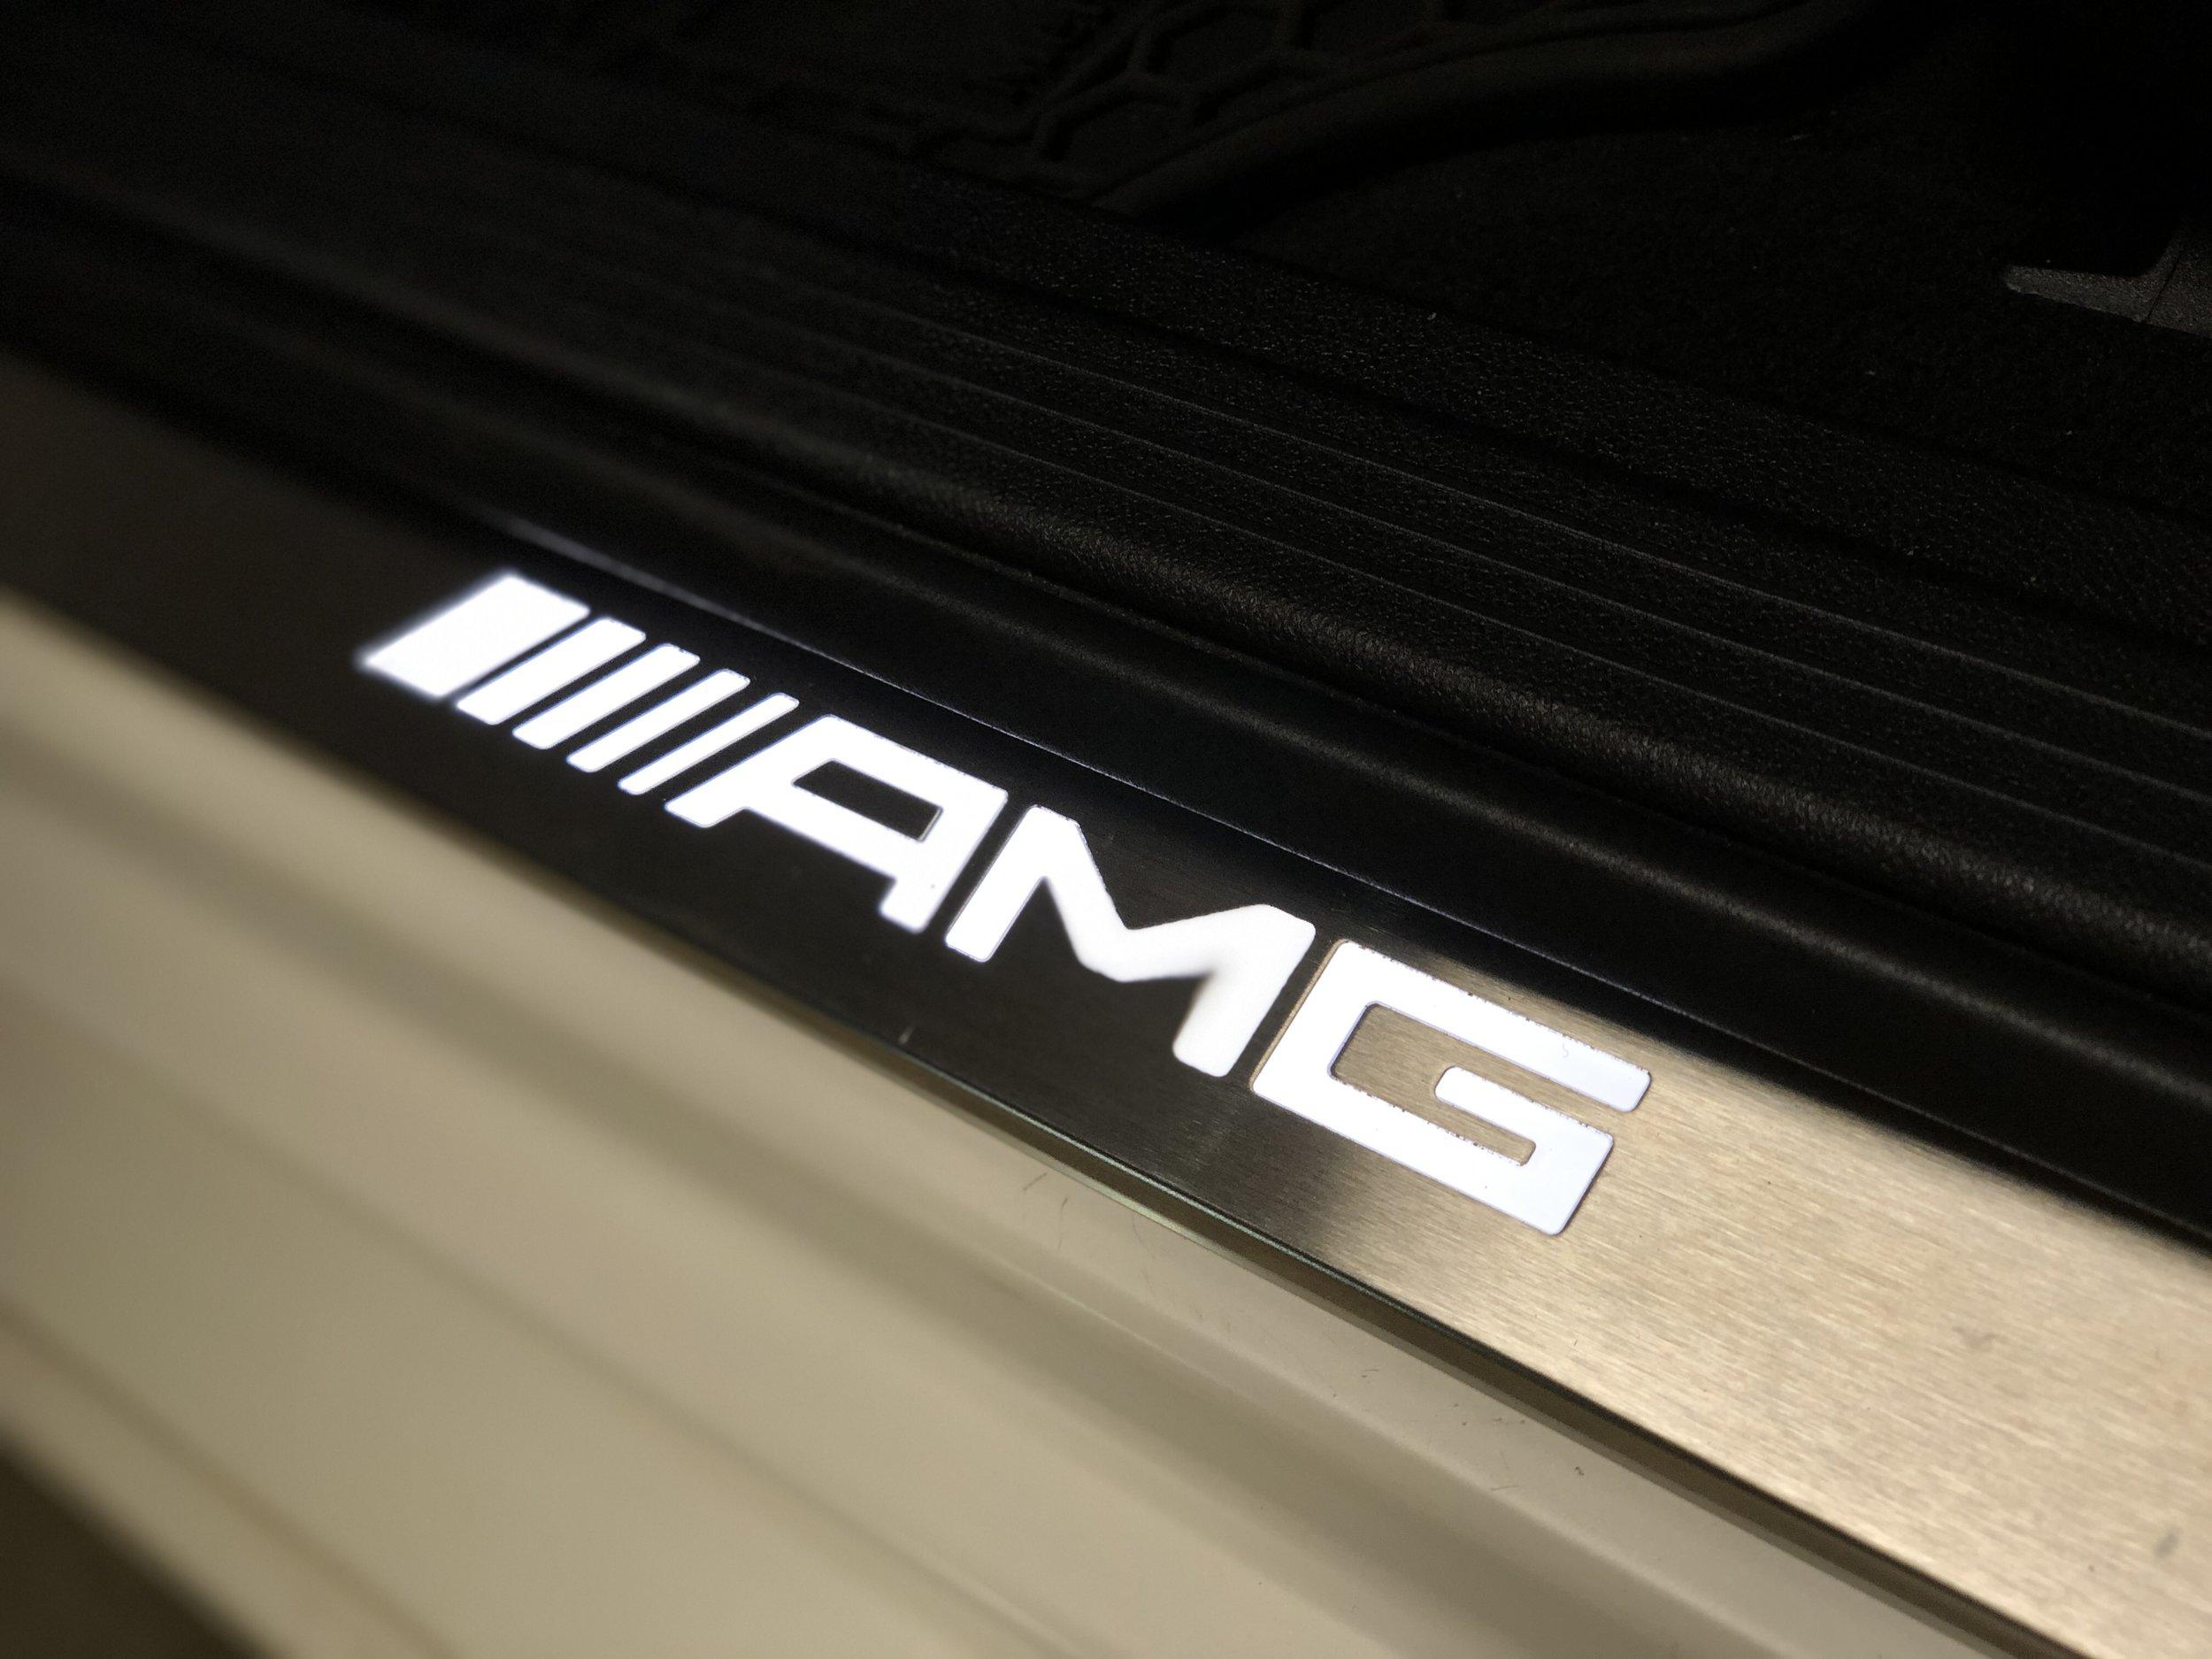 2012 Mercedes CLS63 RennTech White Black DETAILS — RP